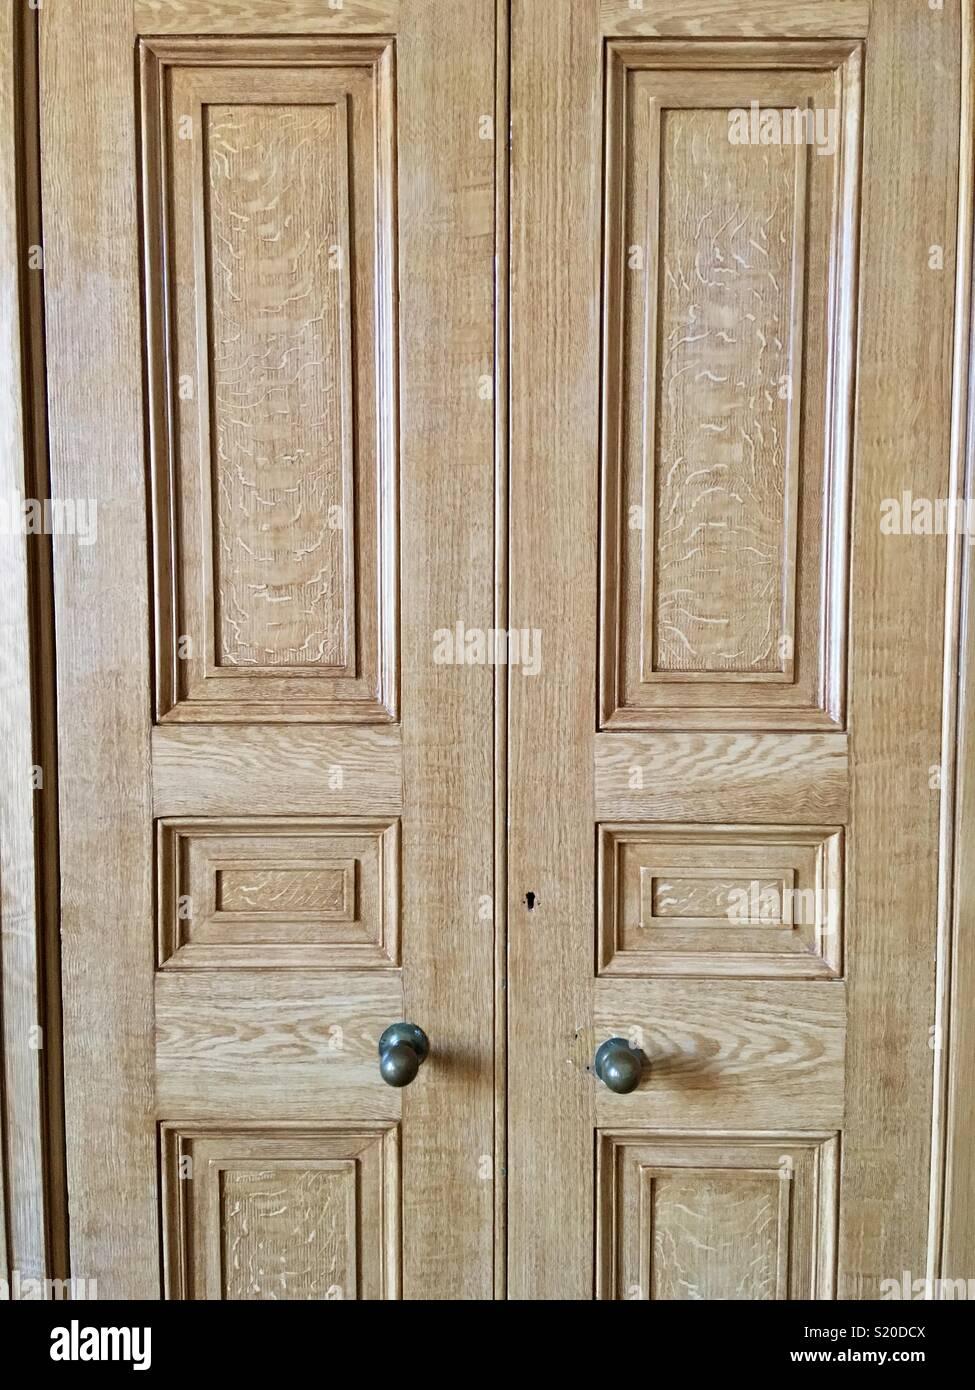 Oak double doors - Stock Image & Grand Doors Stock Photos \u0026 Grand Doors Stock Images - Alamy